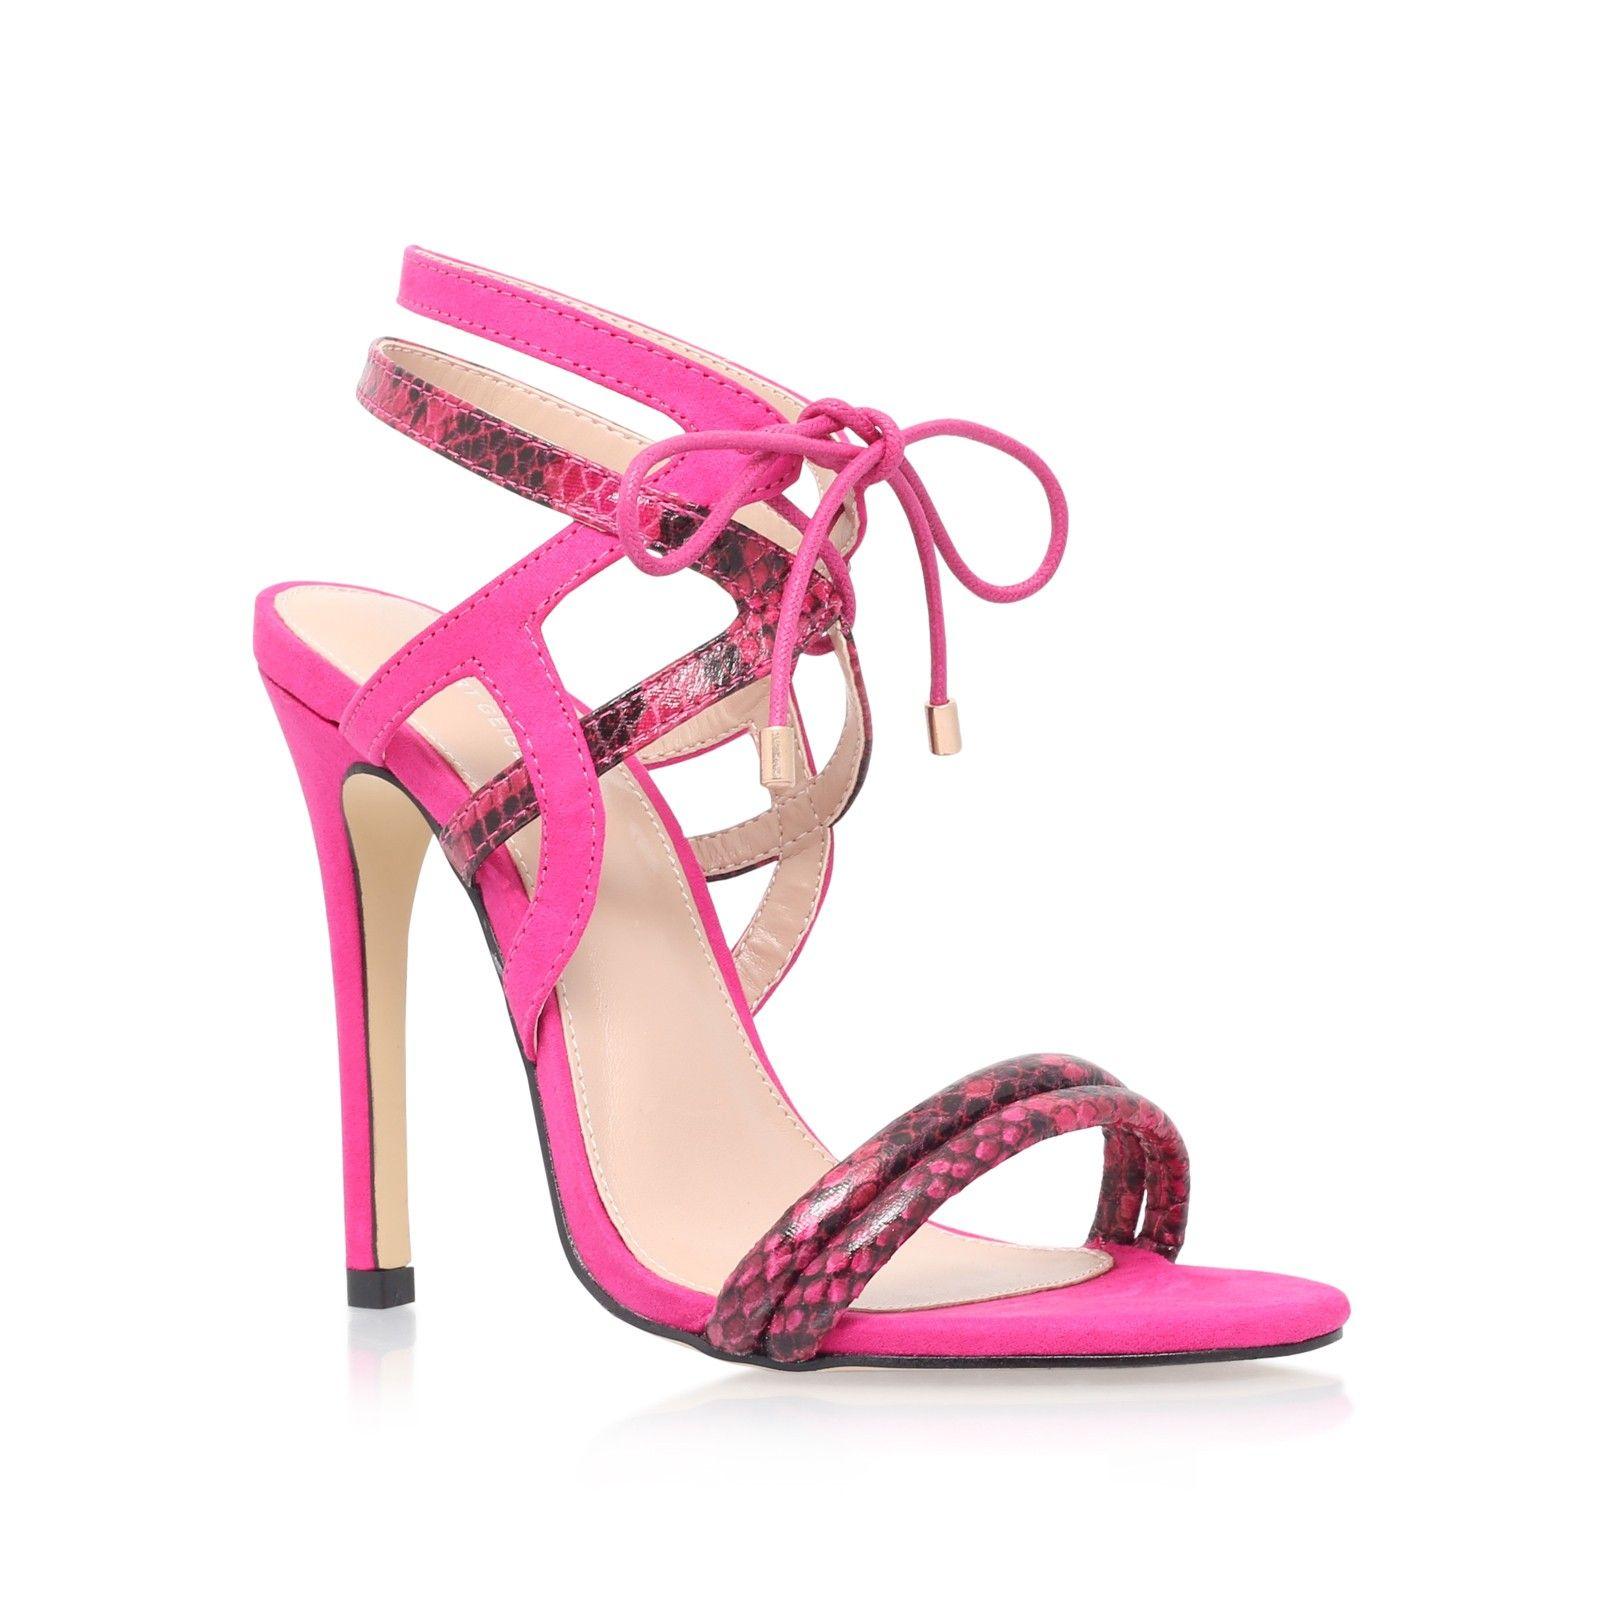 luxor pink high heel sandals from Carvela Kurt Geiger | A heels 1 ...